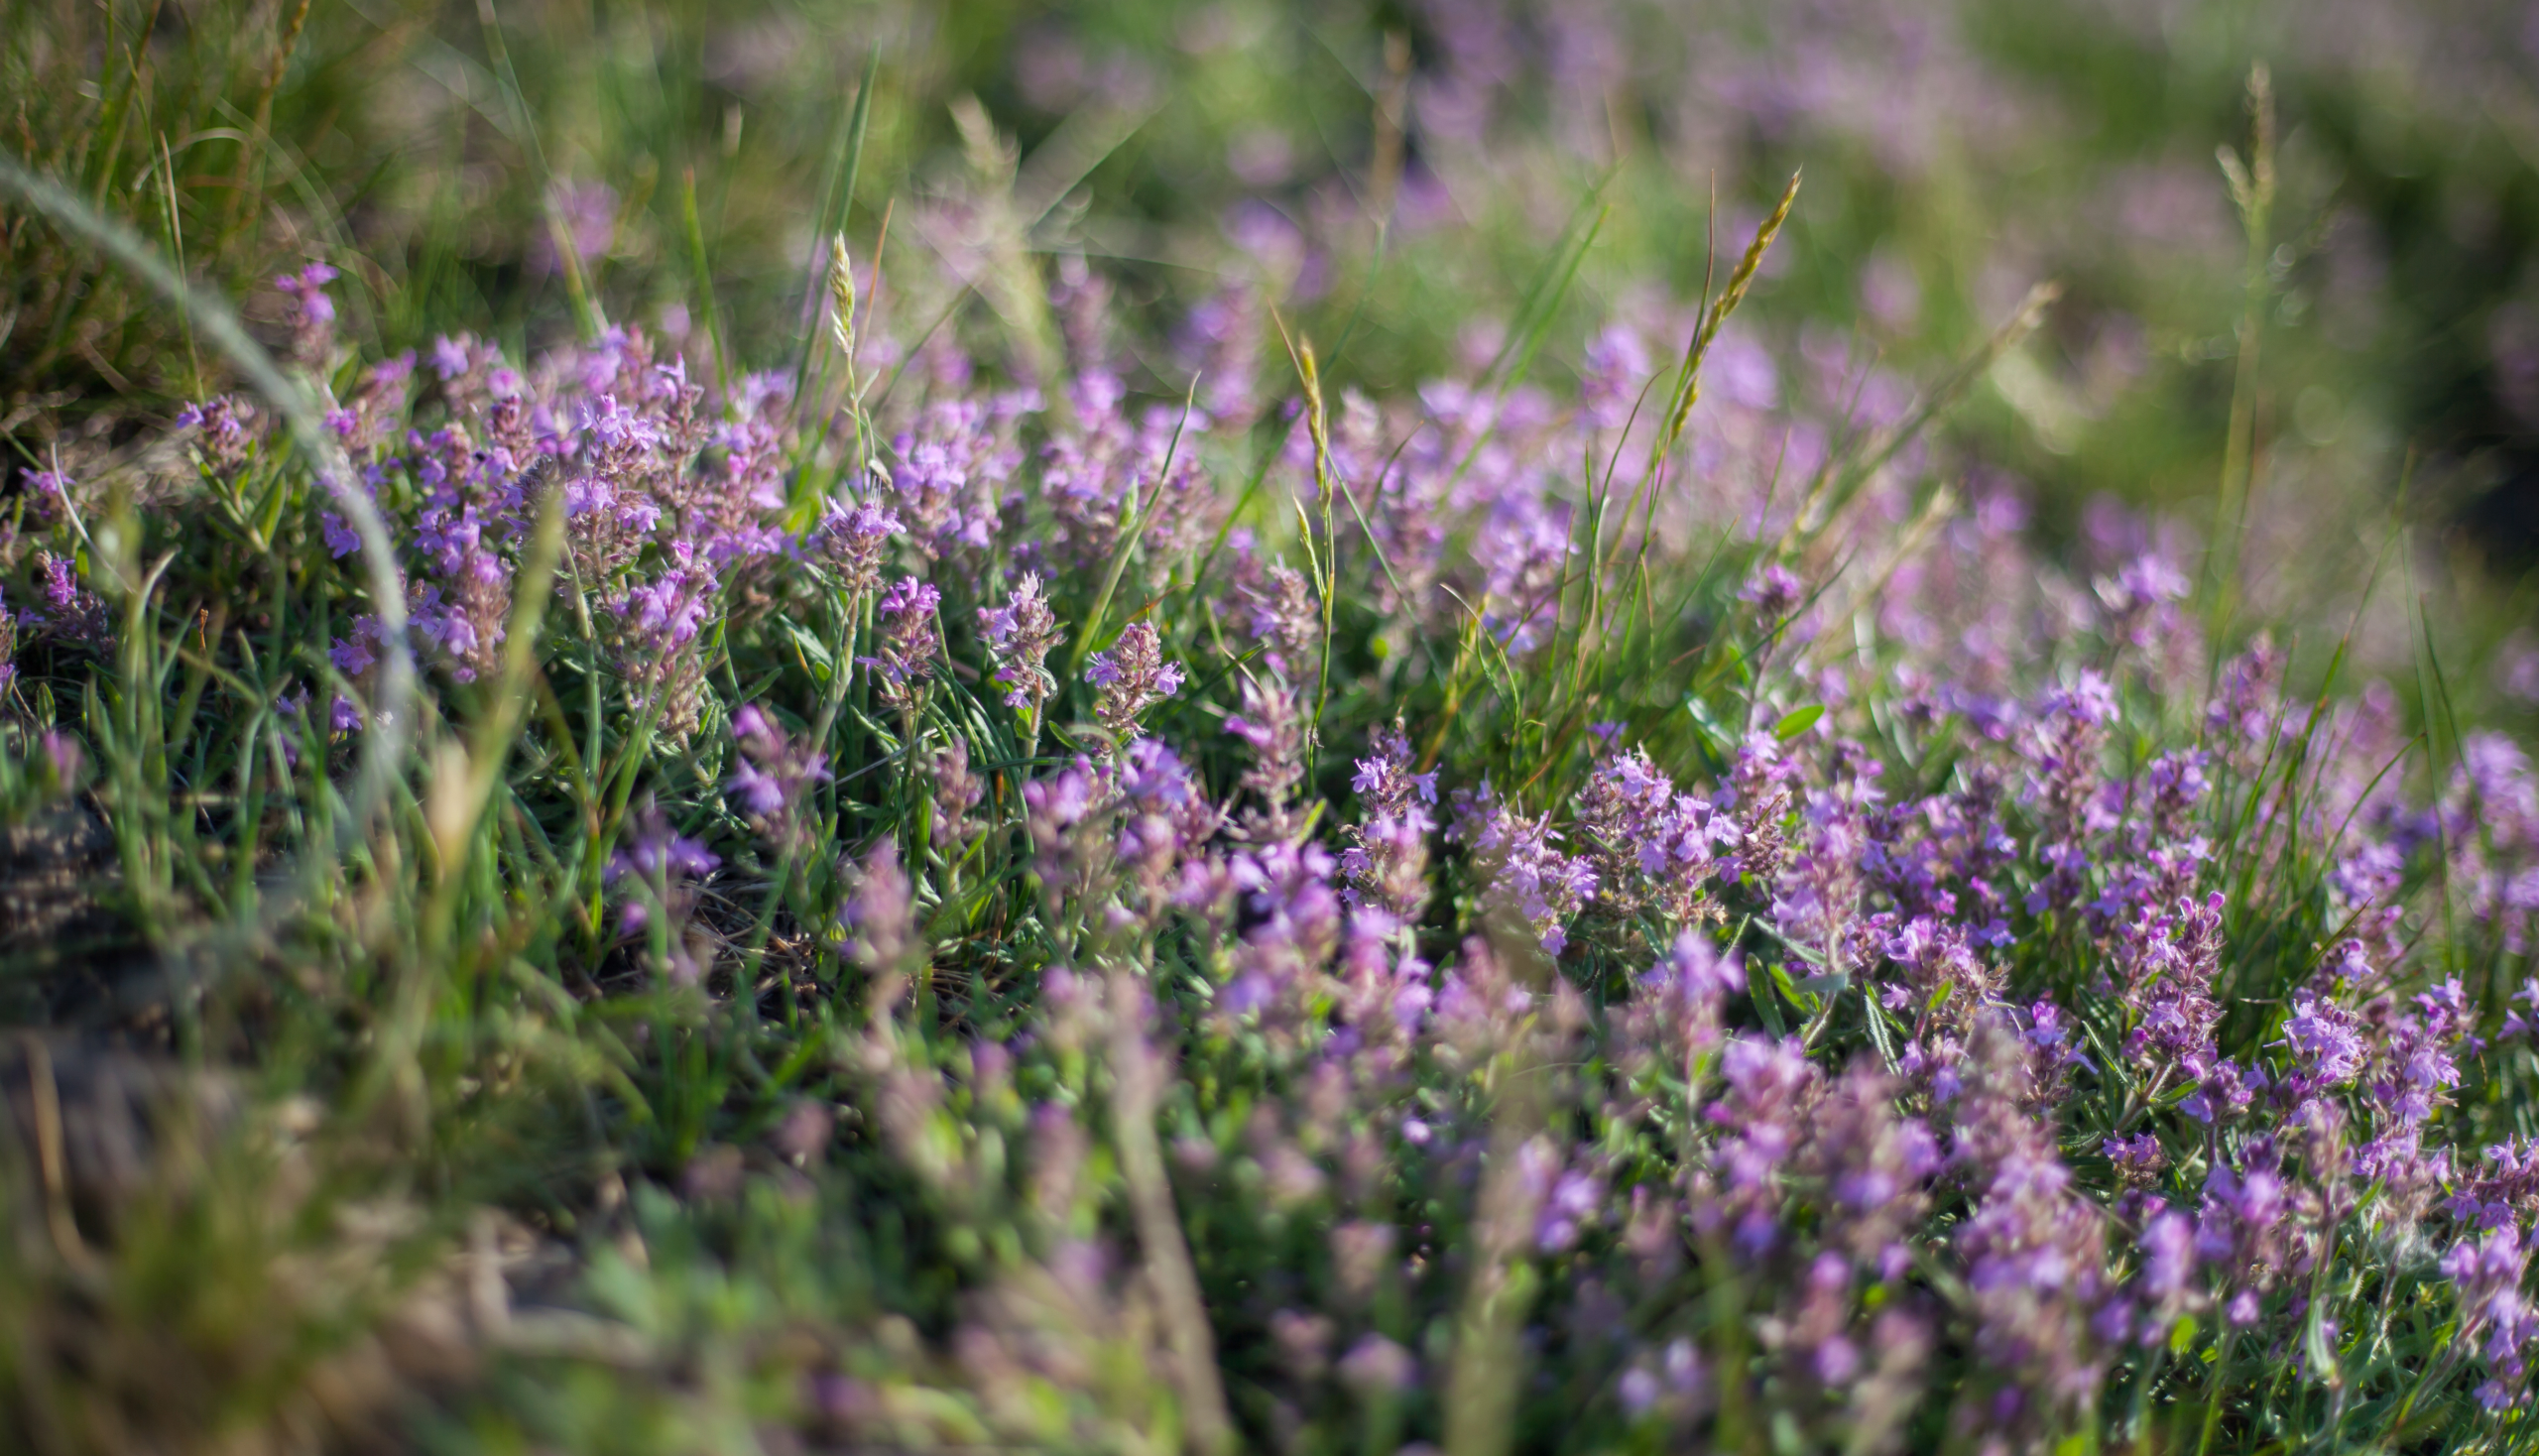 planter du thym pour les abeilles et pollinisateurs